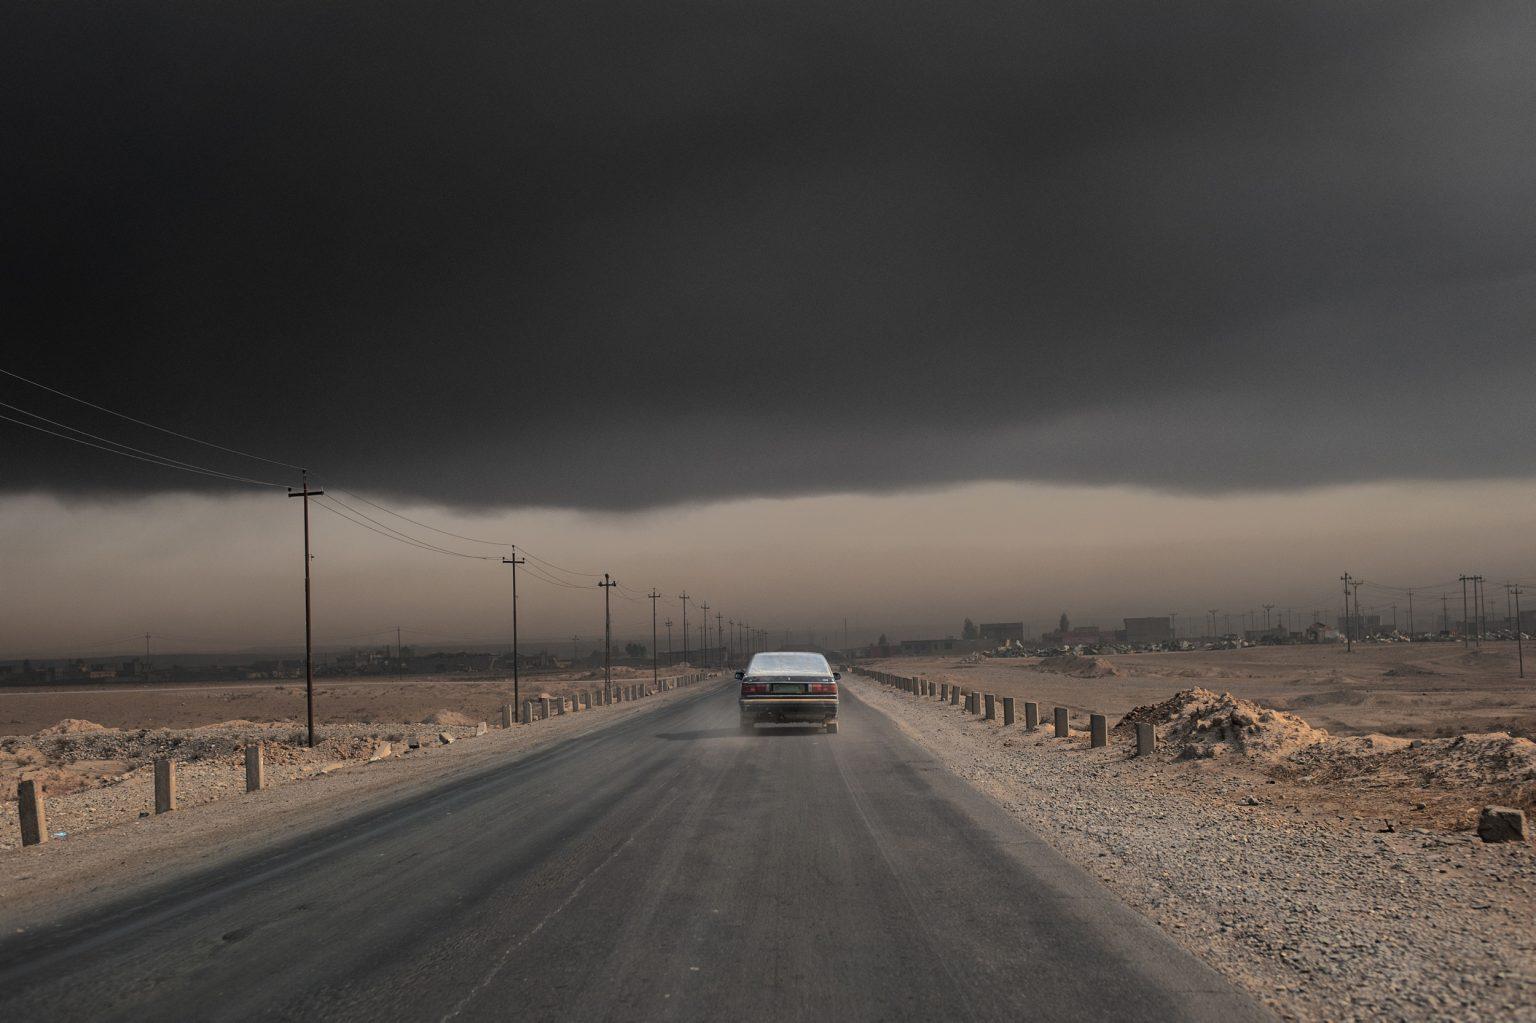 Qayyara, Iraq, November 9th 2?016 - During the battle to retake the city of Mosul a cloud of oil smoke has?  covered the city for mo?nths. The oil town has been th?e object of intense fighting b?etween Iraqi forces and the Islamic State. Before retiring, ?Isis set fire to refineries in? the city, creating an environ?mental disaster. --------------- Qayyara, Iraq, 9 novembre 2 016 - Durante la battaglia per riconquistare la città di Mosul una nuvola di fumo di petrolio ha ricoperto la città per mesi. La città petrolifera è stata oggetto di intensi combattimenti tra le forze irachene e lo Stato islamico. Prima di ritirarsi, Isis ha dato fuoco alle raffinerie della città, creando un disastro ambientale.